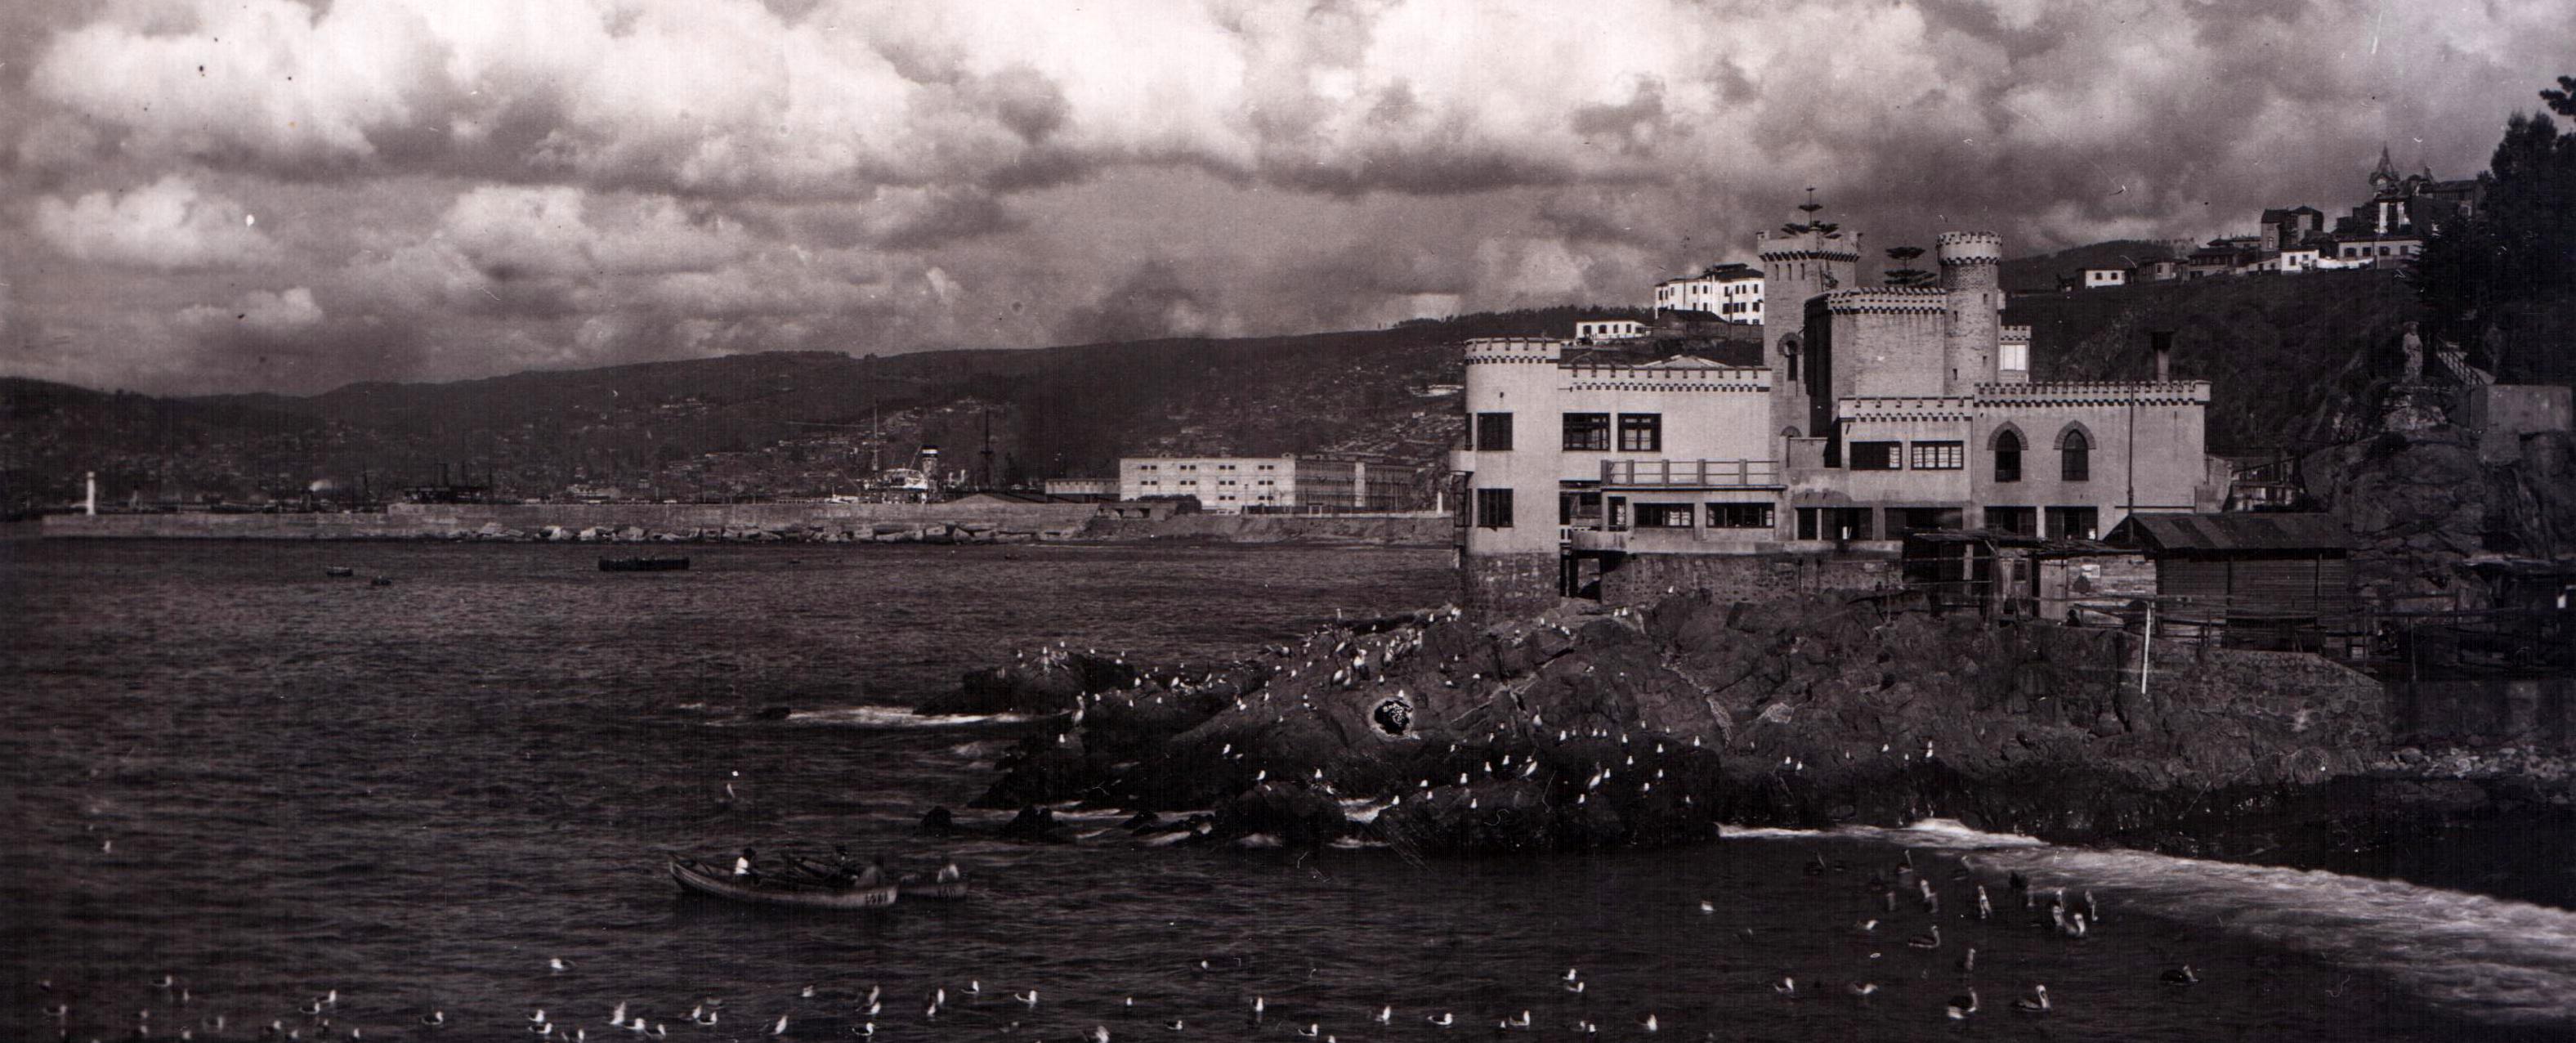 Enterreno - Fotos históricas de chile - fotos antiguas de Chile - Castillo Echaurren de Valparaíso circa. 1930